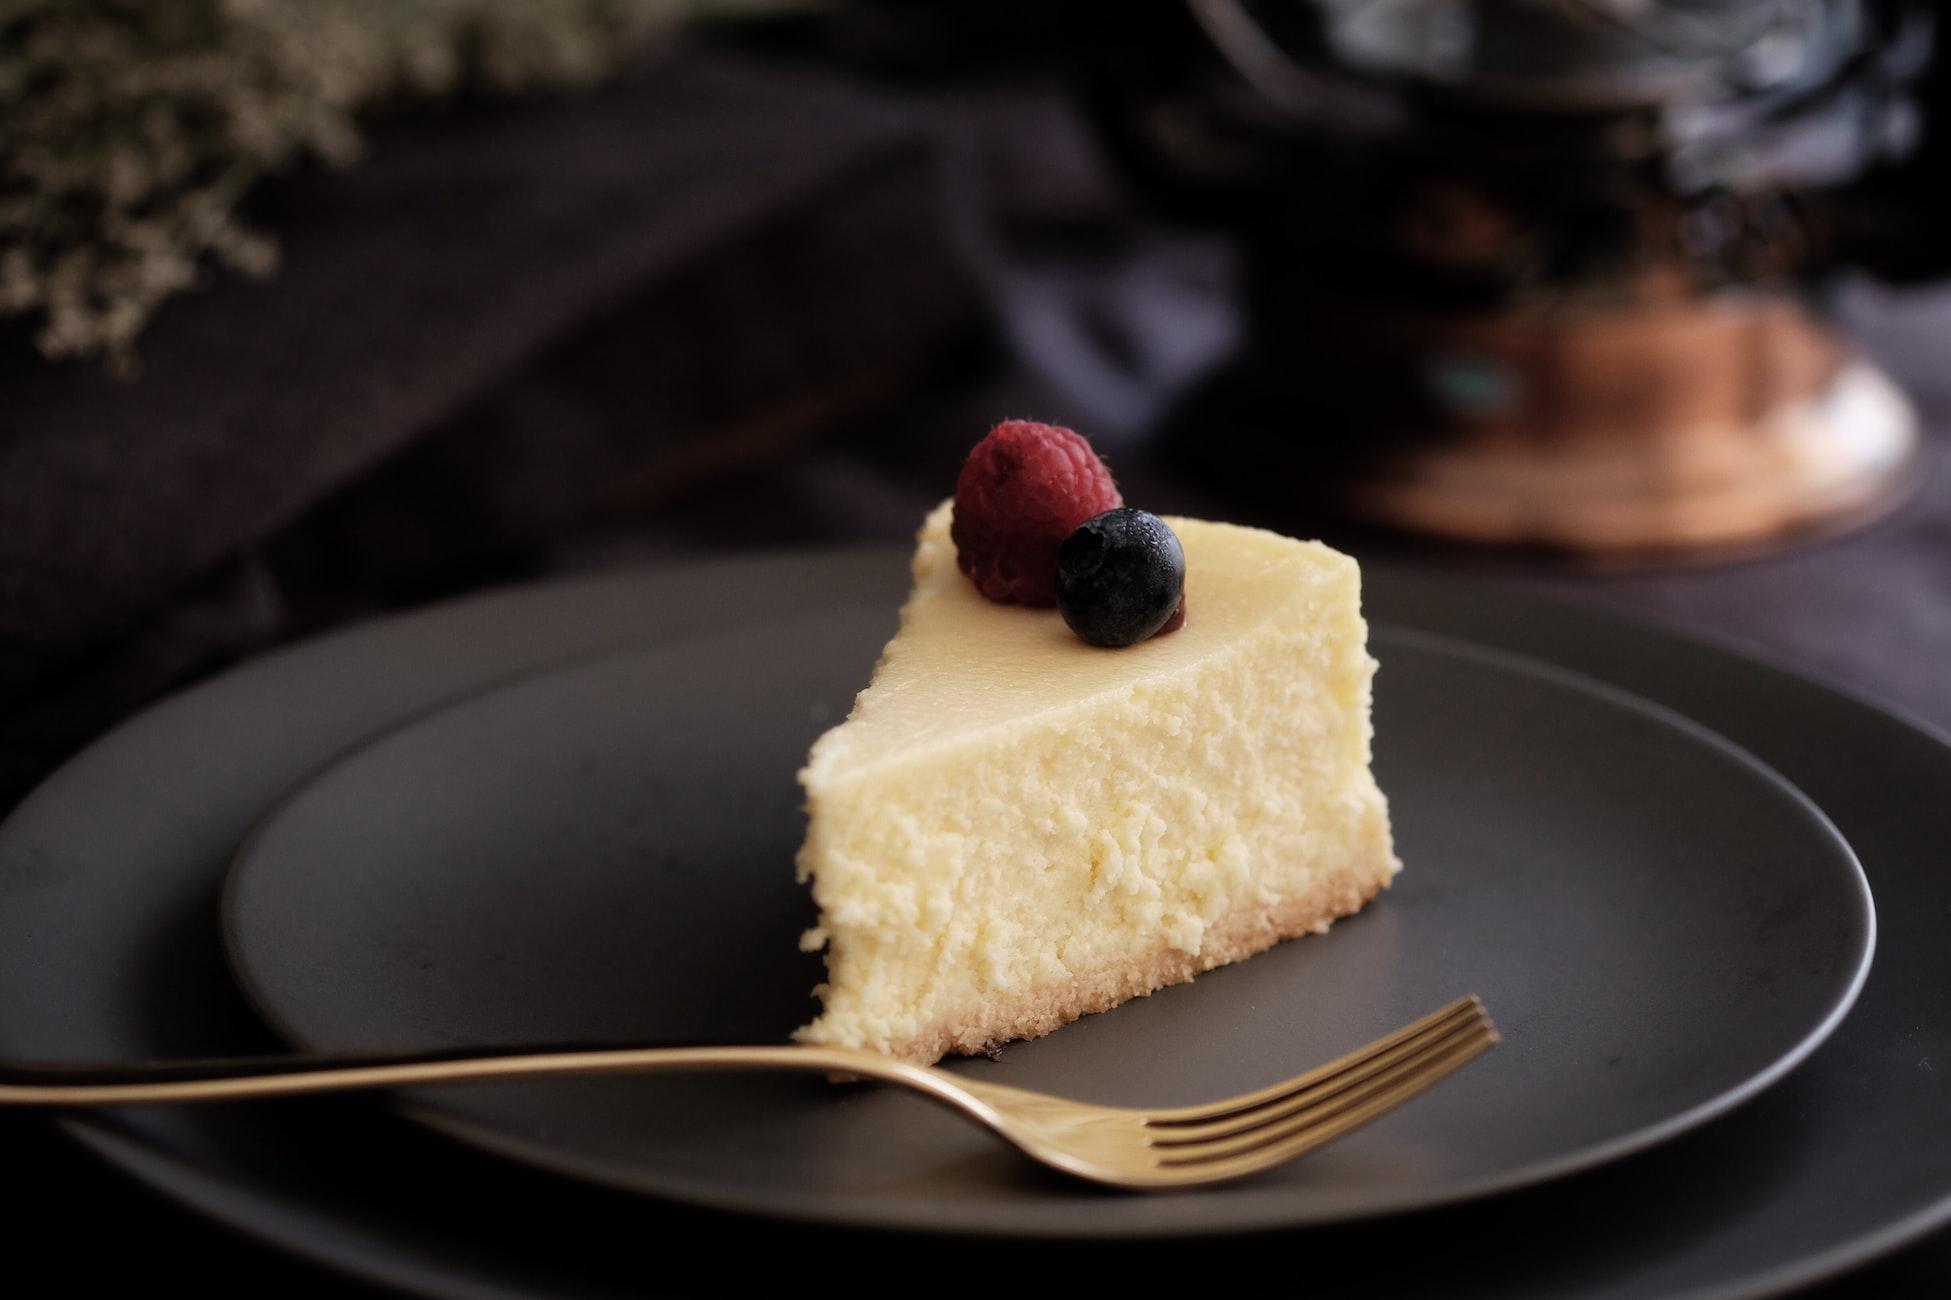 Ein Stück Käsekuchen sehr schmackhaft auf dekorativem Teller